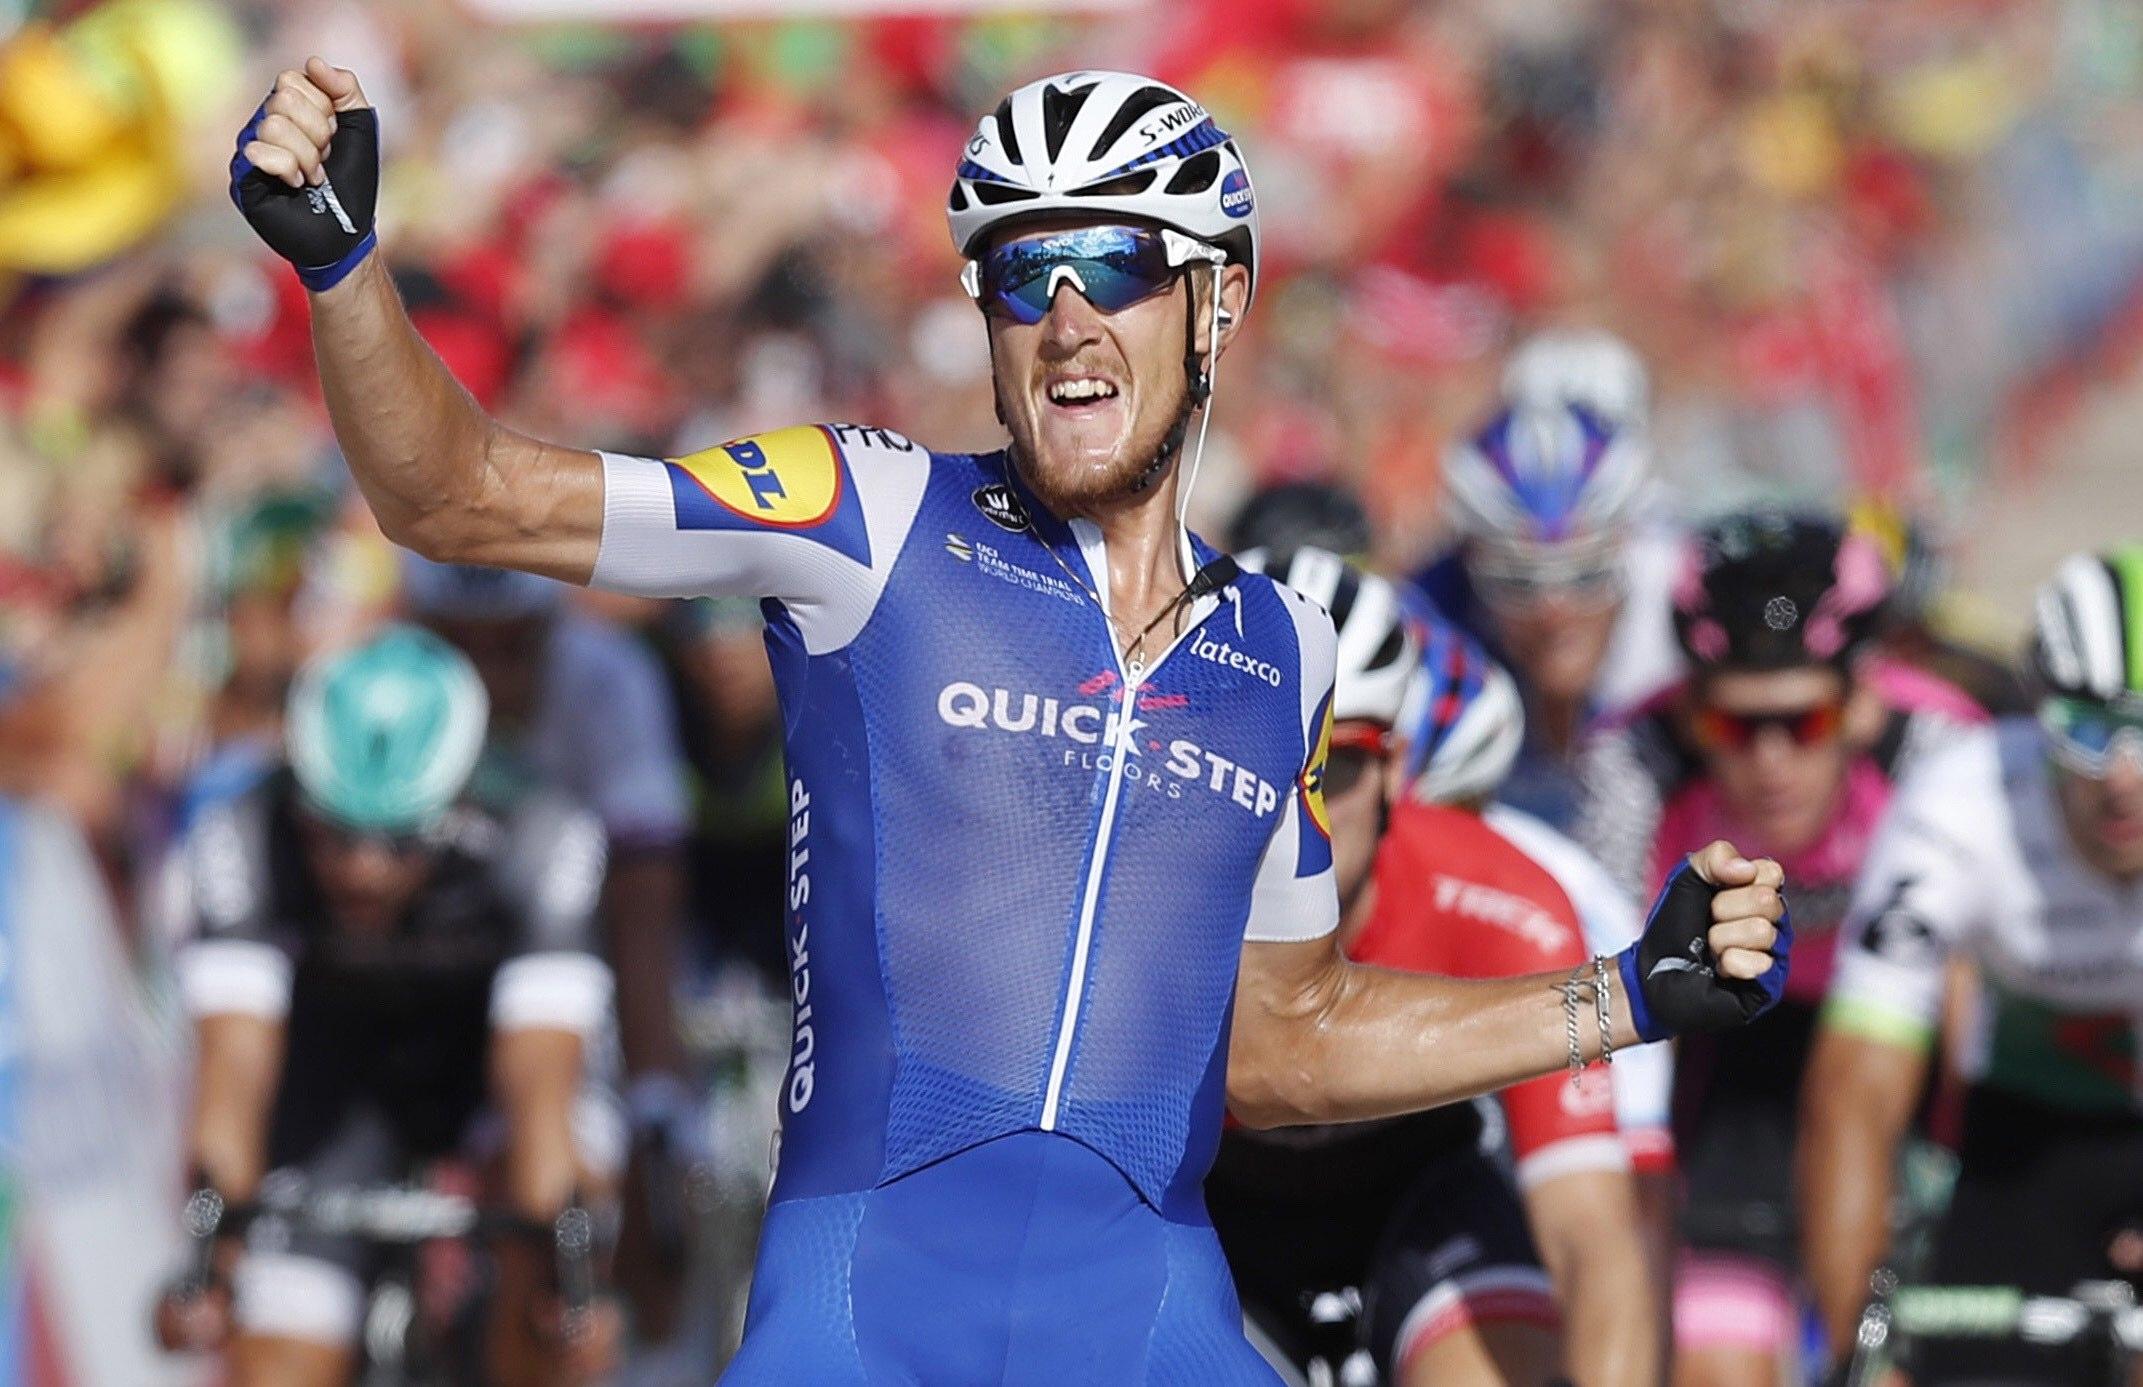 Vuelta: Trentin vence primeira chegada em Espanha